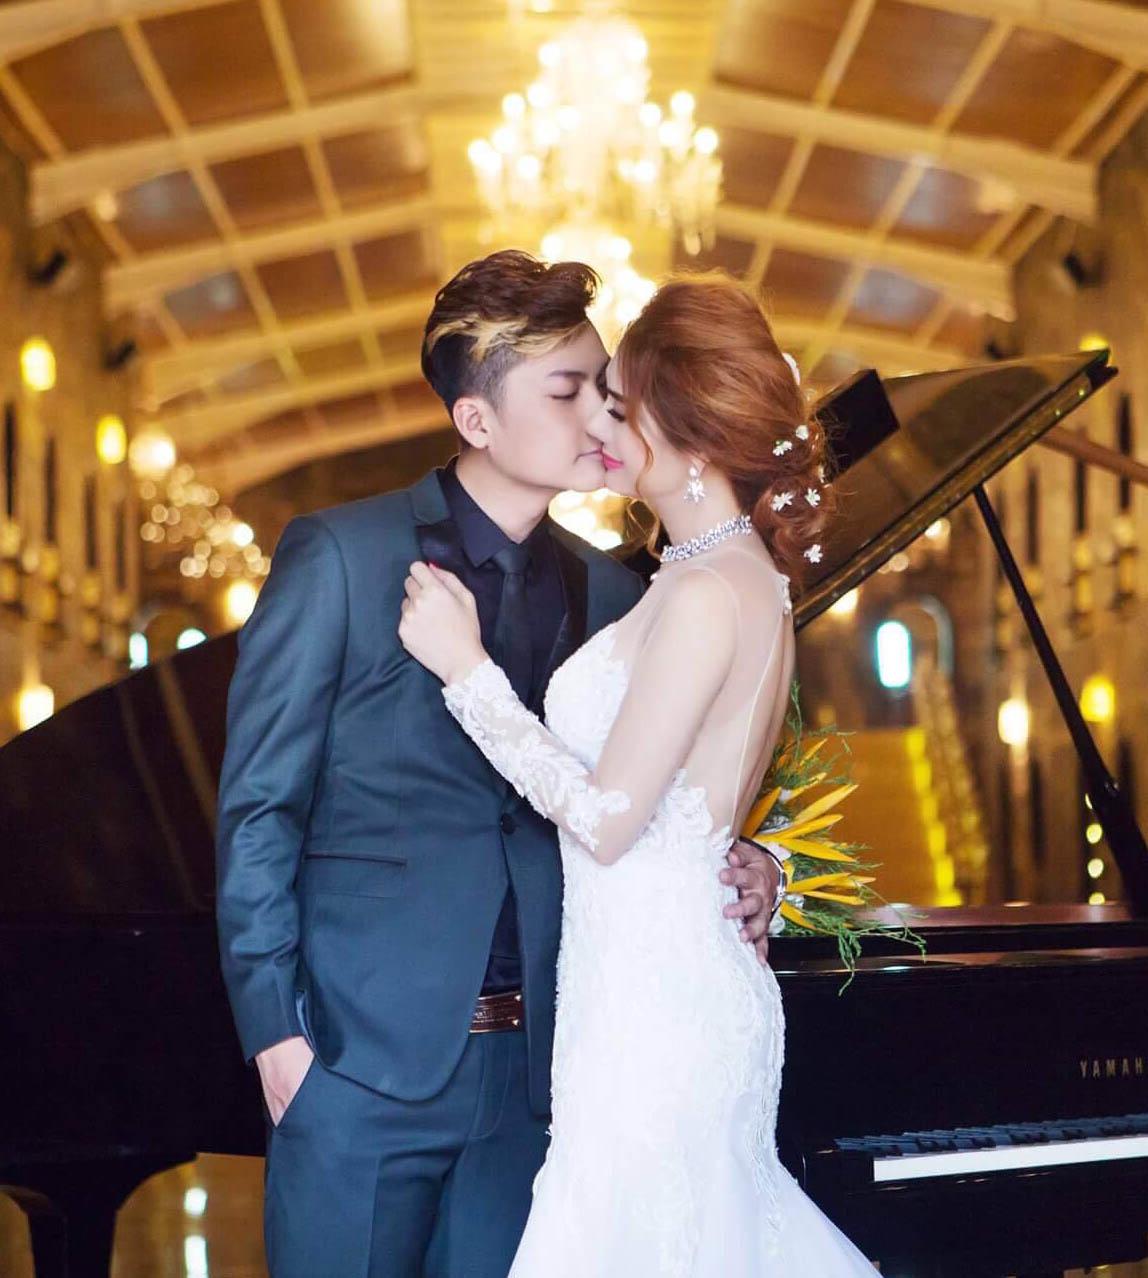 """Lâm Chí Khanh: """"Tôi sẽ mặc 8 váy cưới đính 10.000 viên pha lê trong hôn lễ tháng 12"""" - 2"""